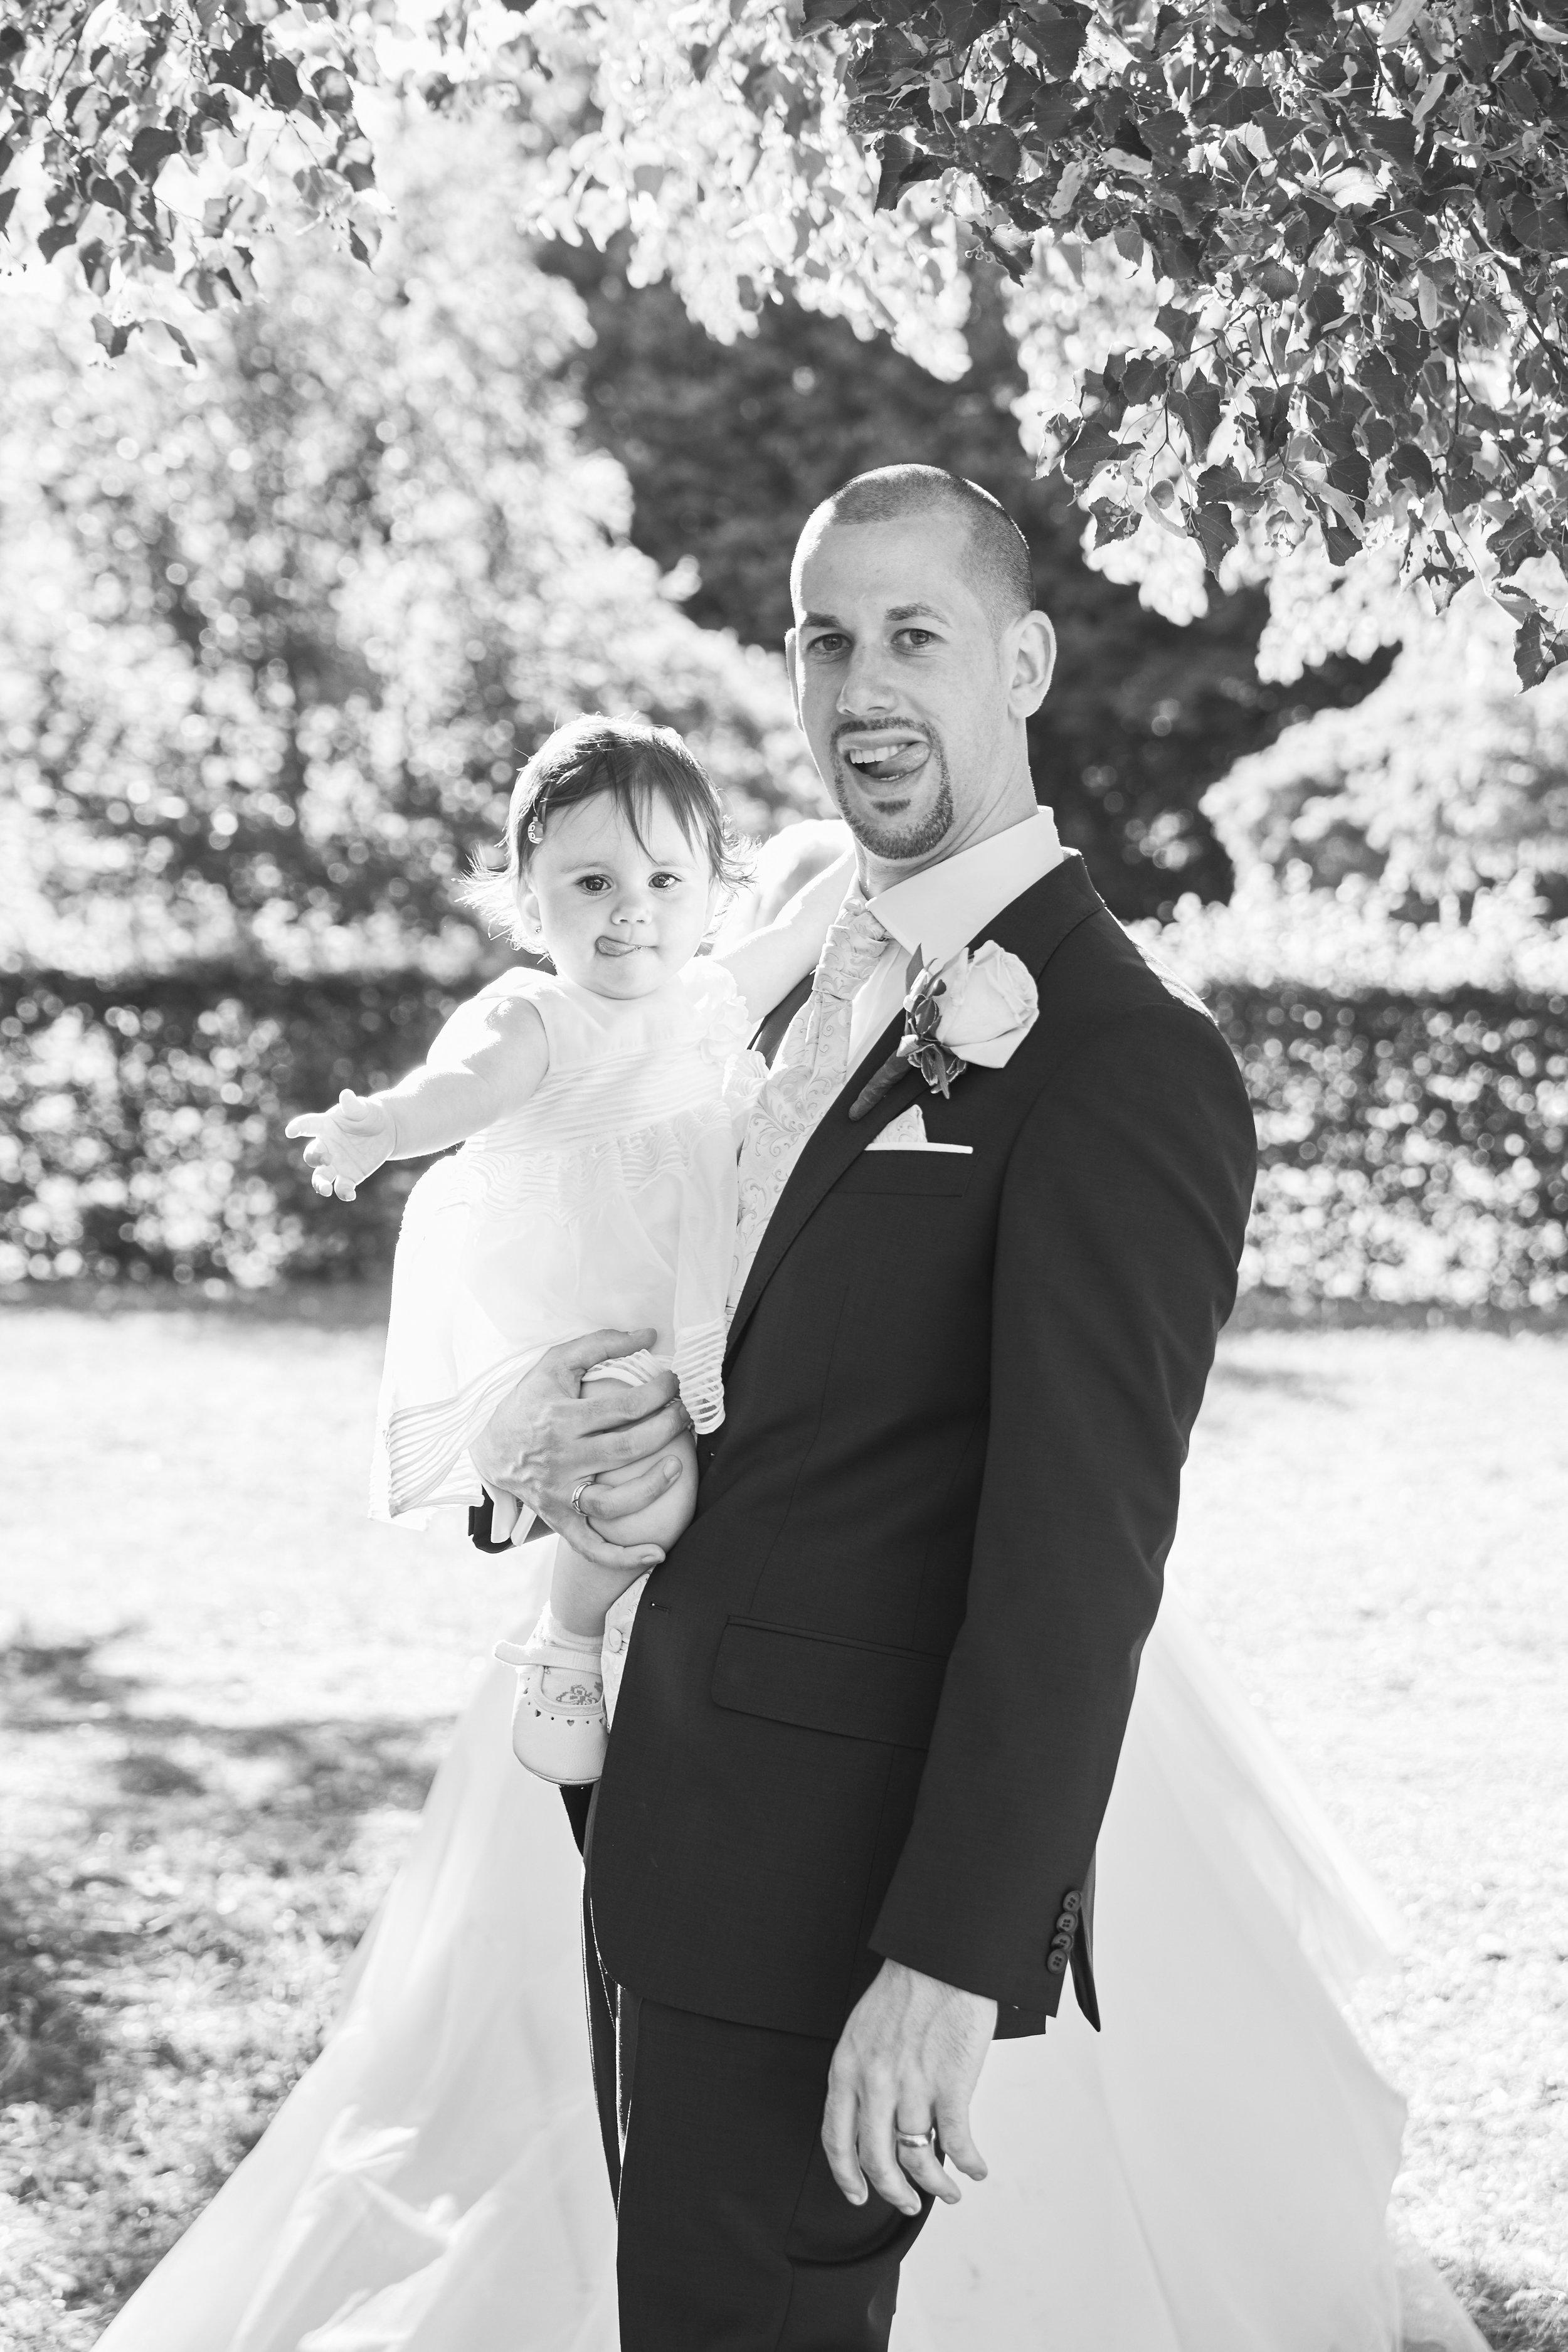 17.07.01. Hochzeit Carola&Werner_345.jpg